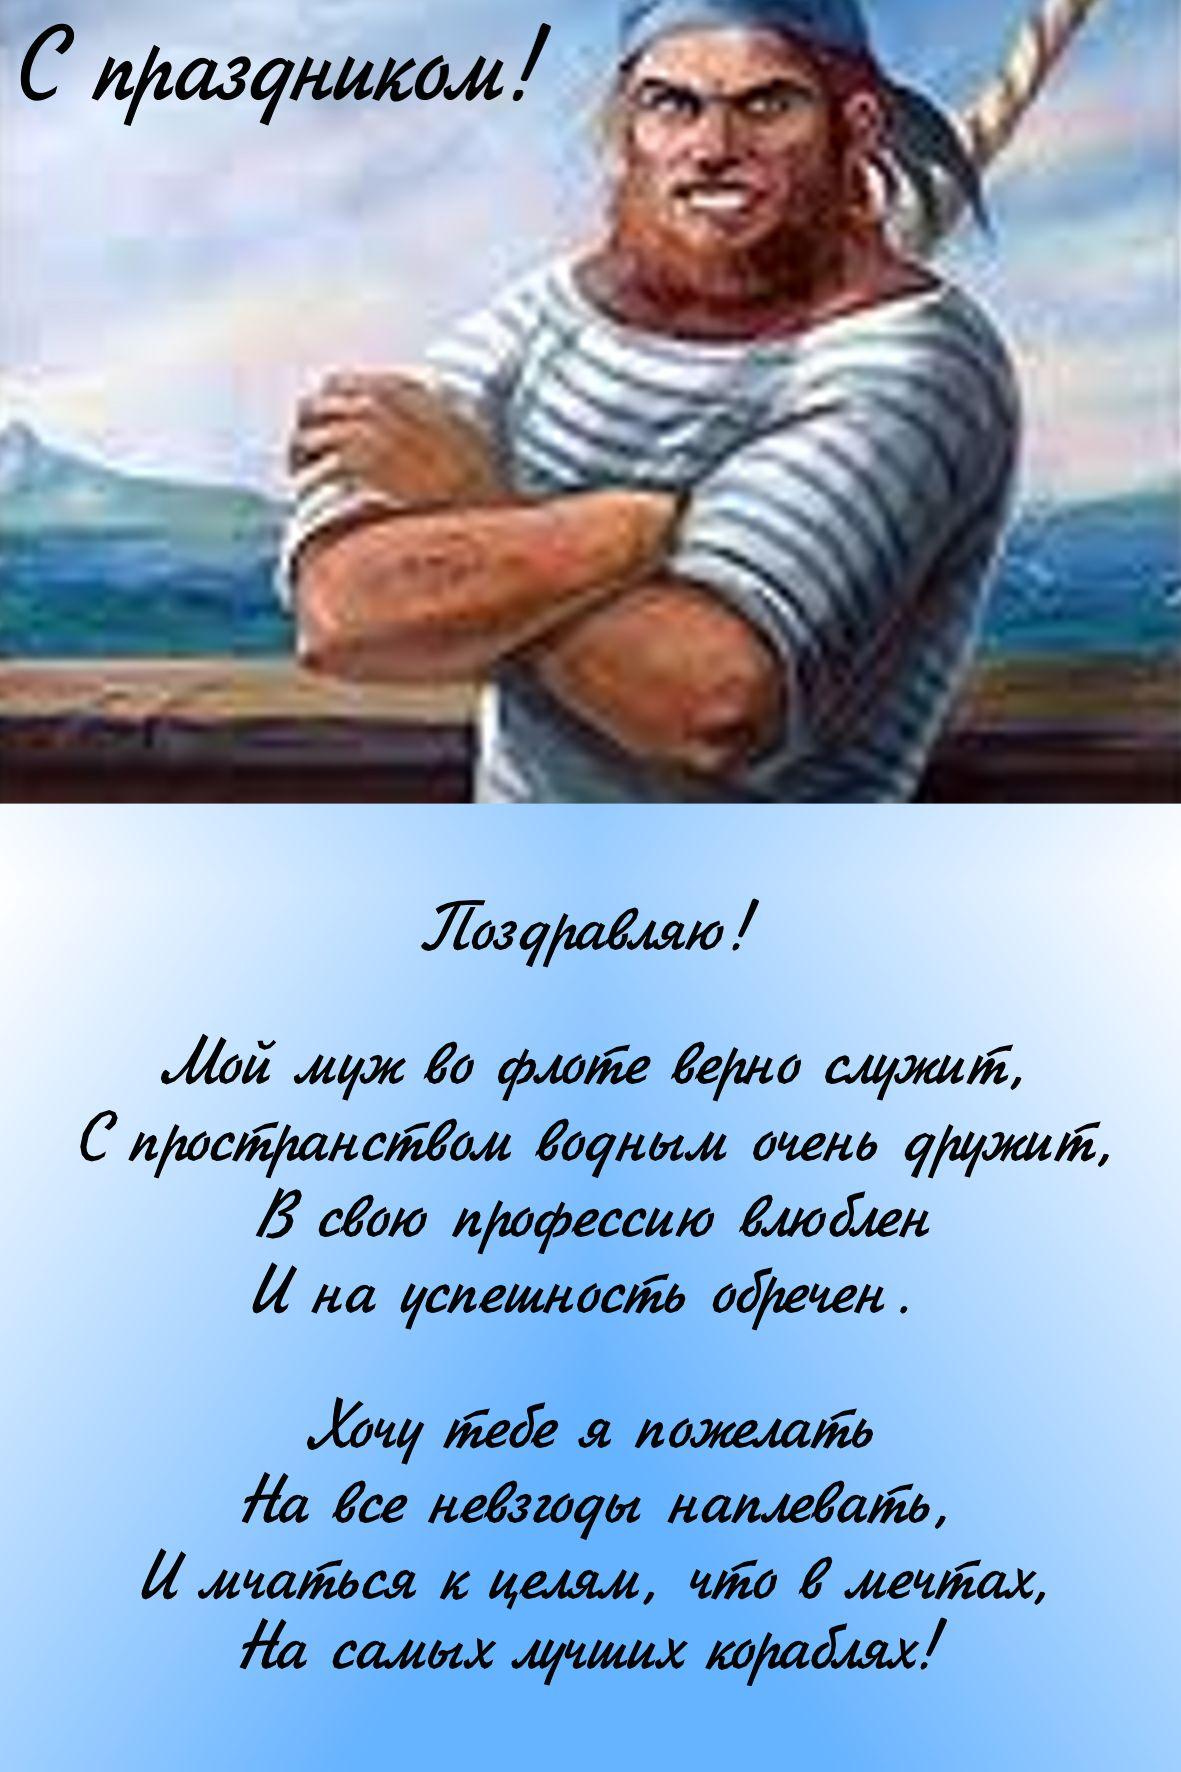 Поздравление на юбилей от моряков